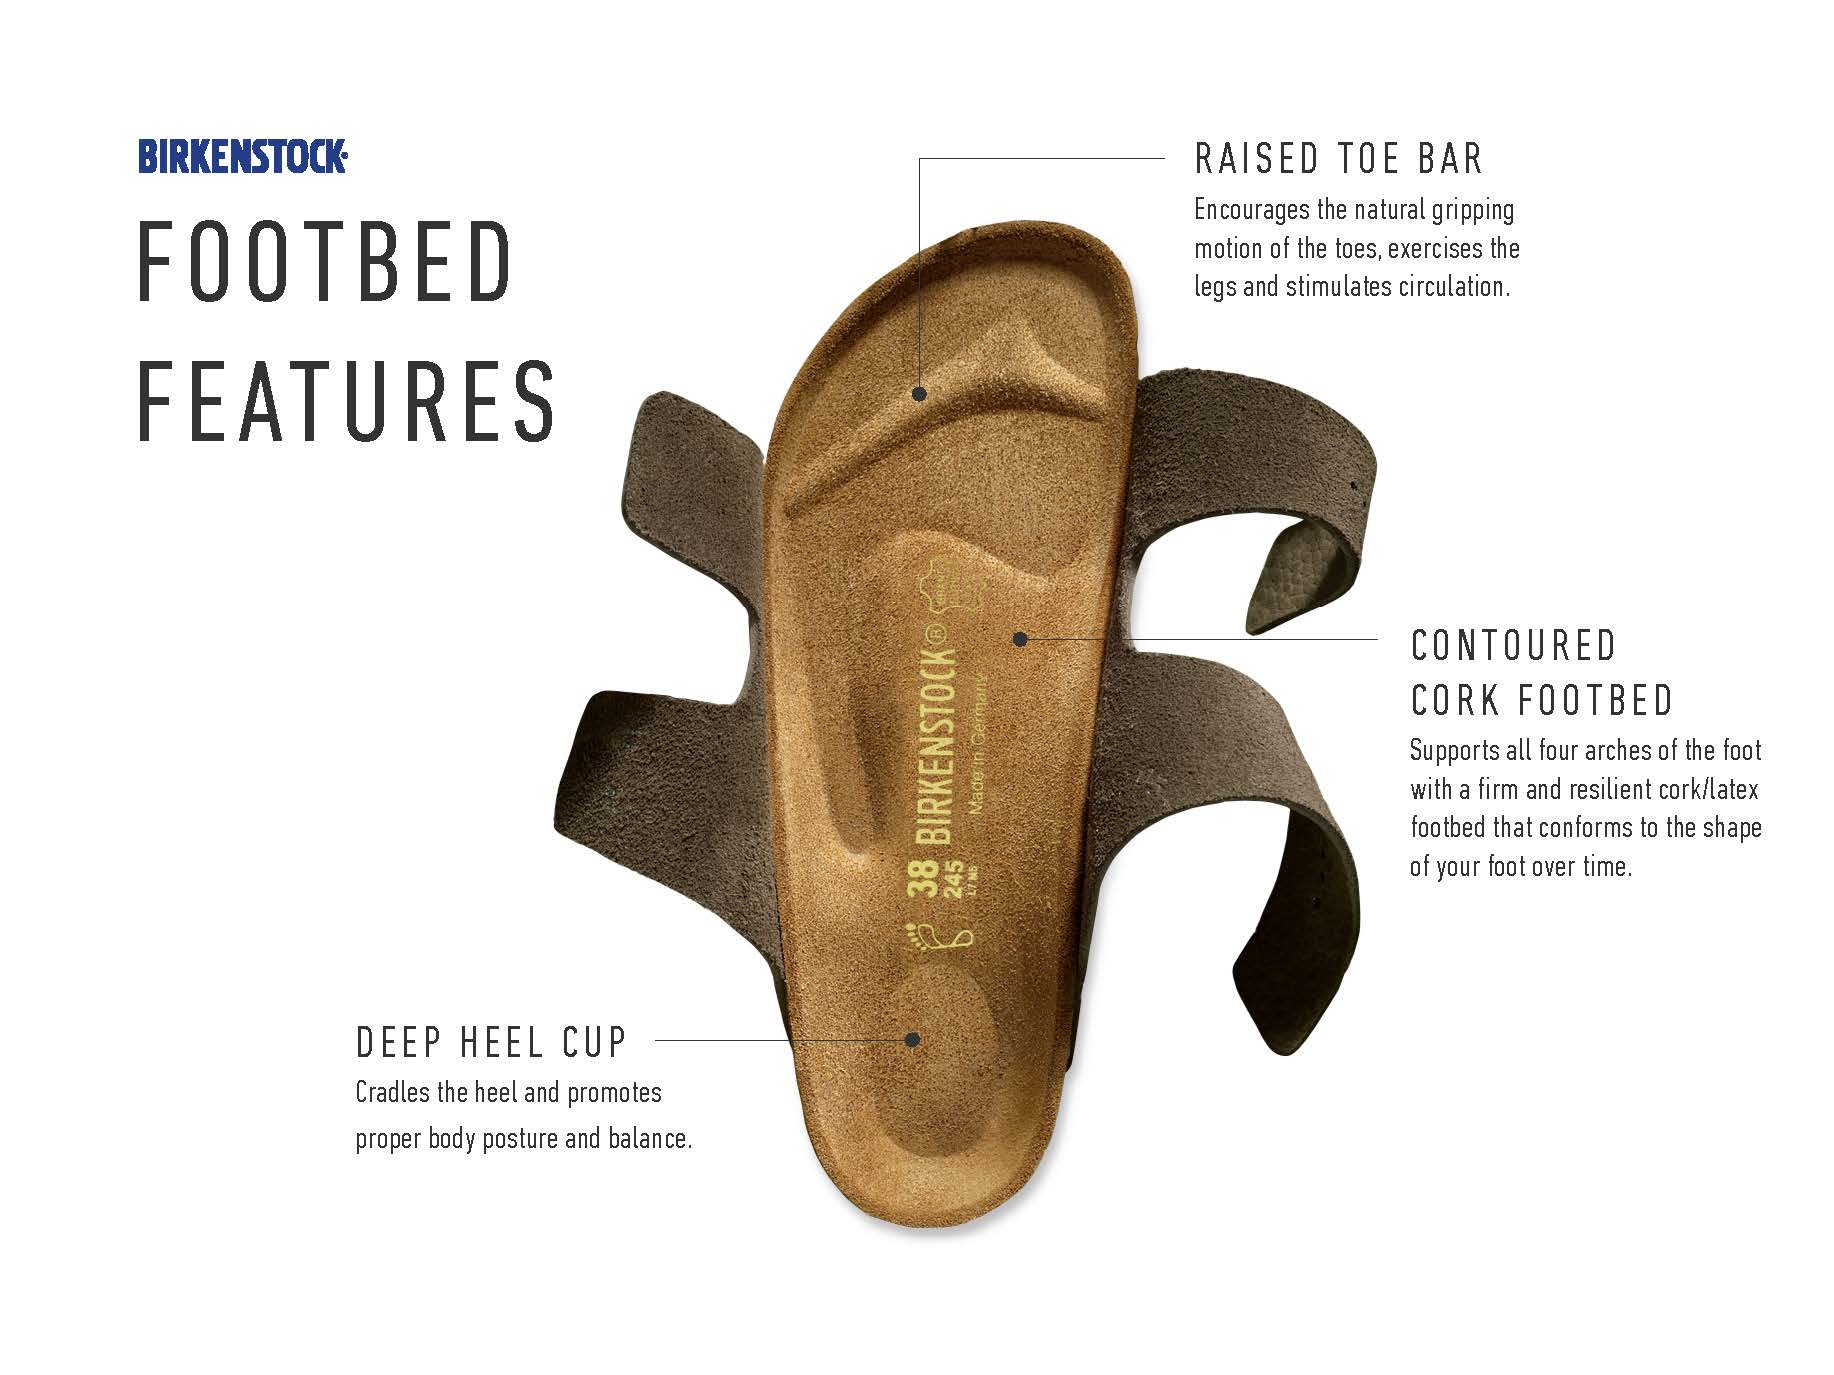 Are My Birkenstocks Fake? - Englin's Fine Footwear